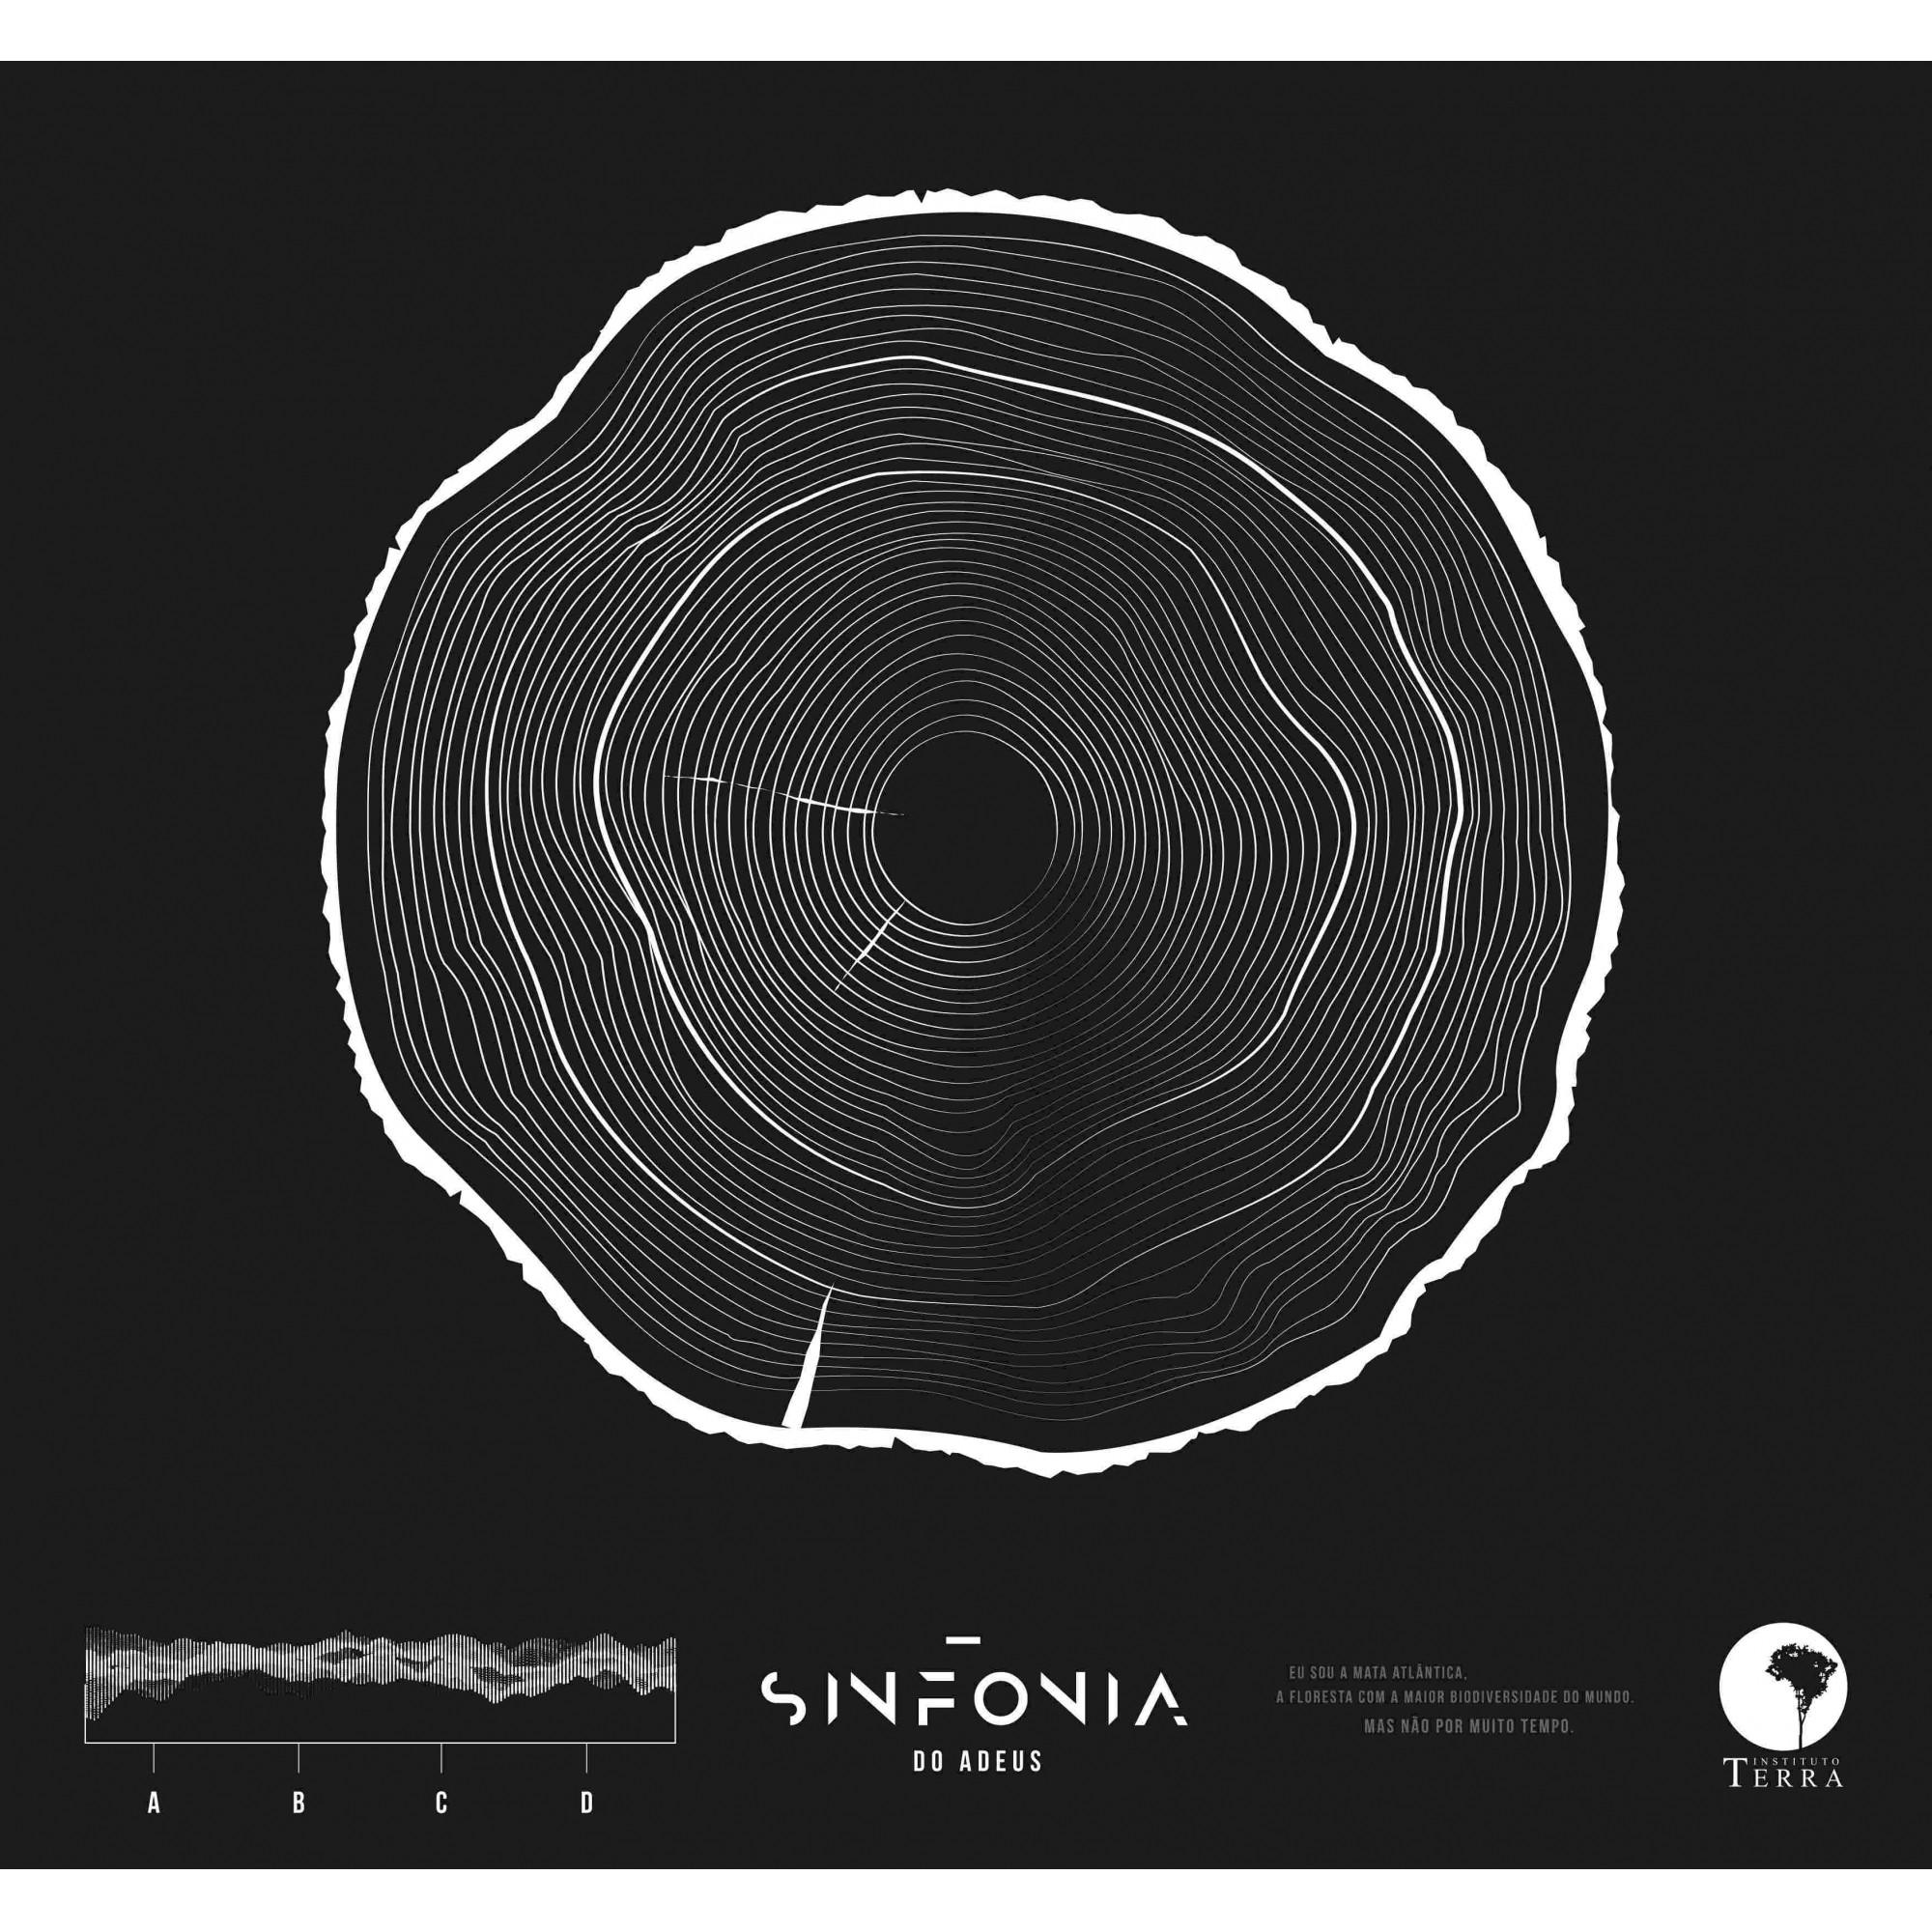 """Pôster Digital Coleção do Projeto """"Sinfonia do Adeus"""" Nº 02"""